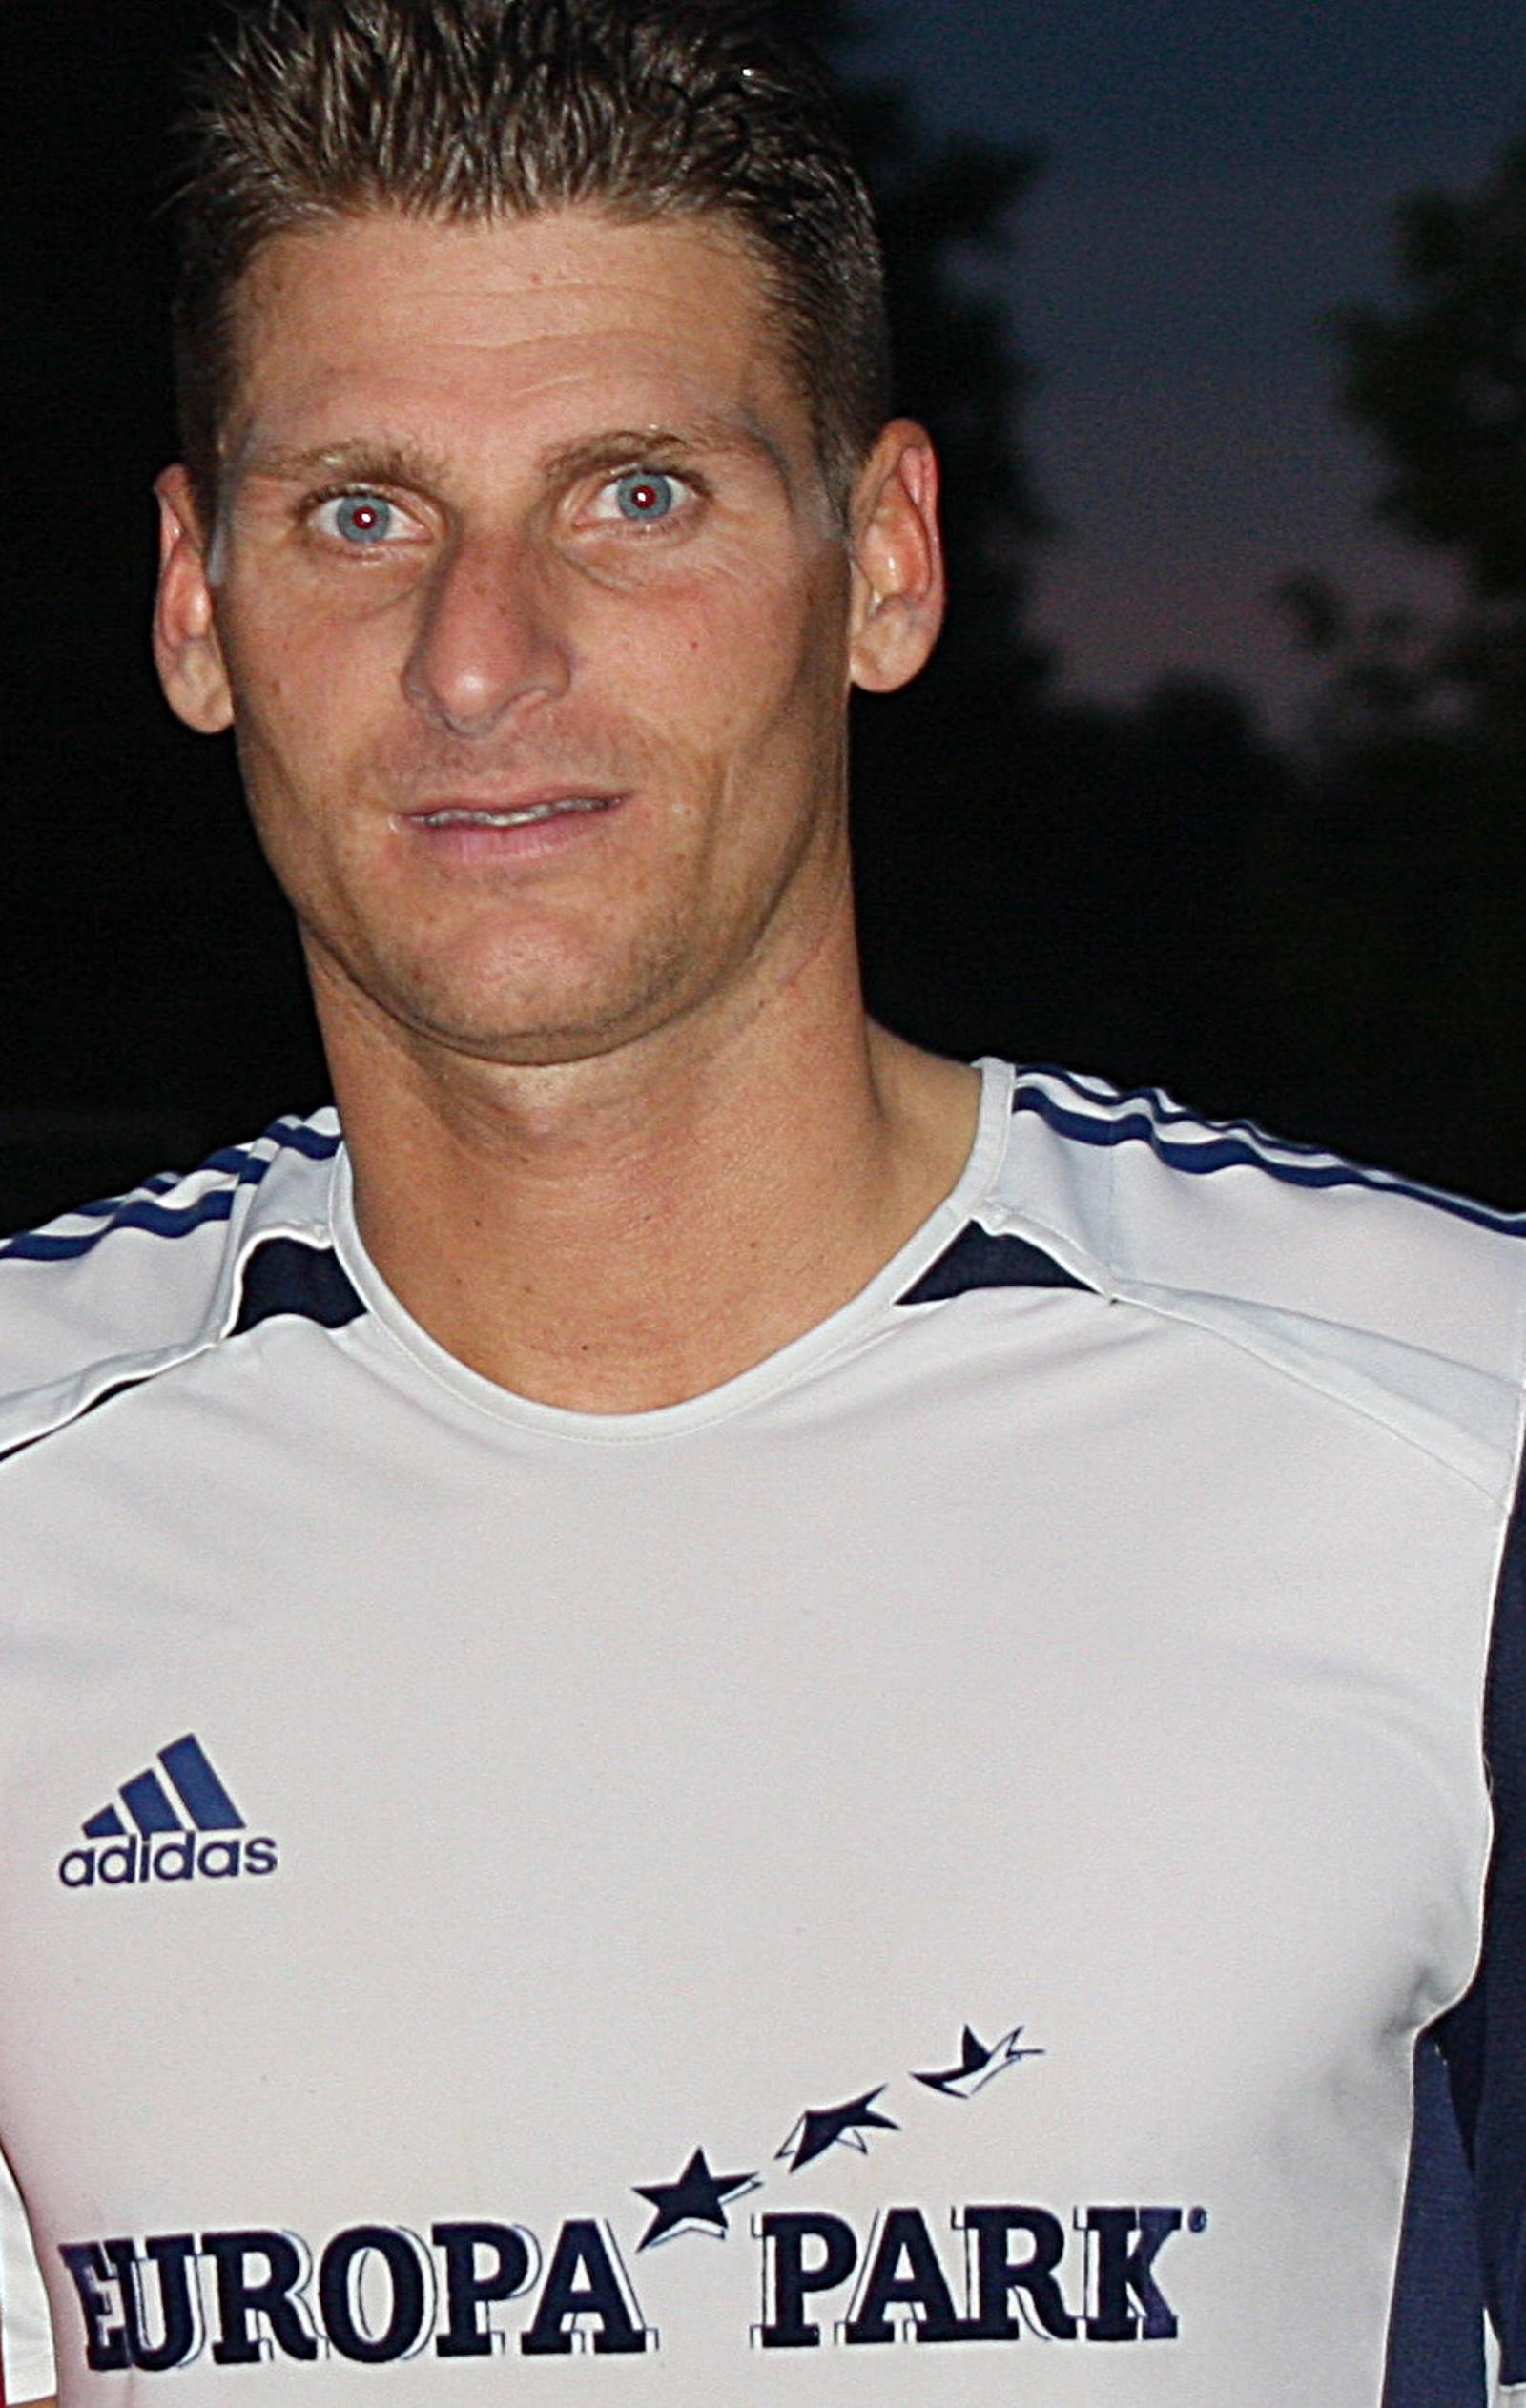 Auch Co-Trainer Philipp Büchner hat seinen Vertrag verlängert! - 0056583e-243c-46b0-b476-97620de4c718